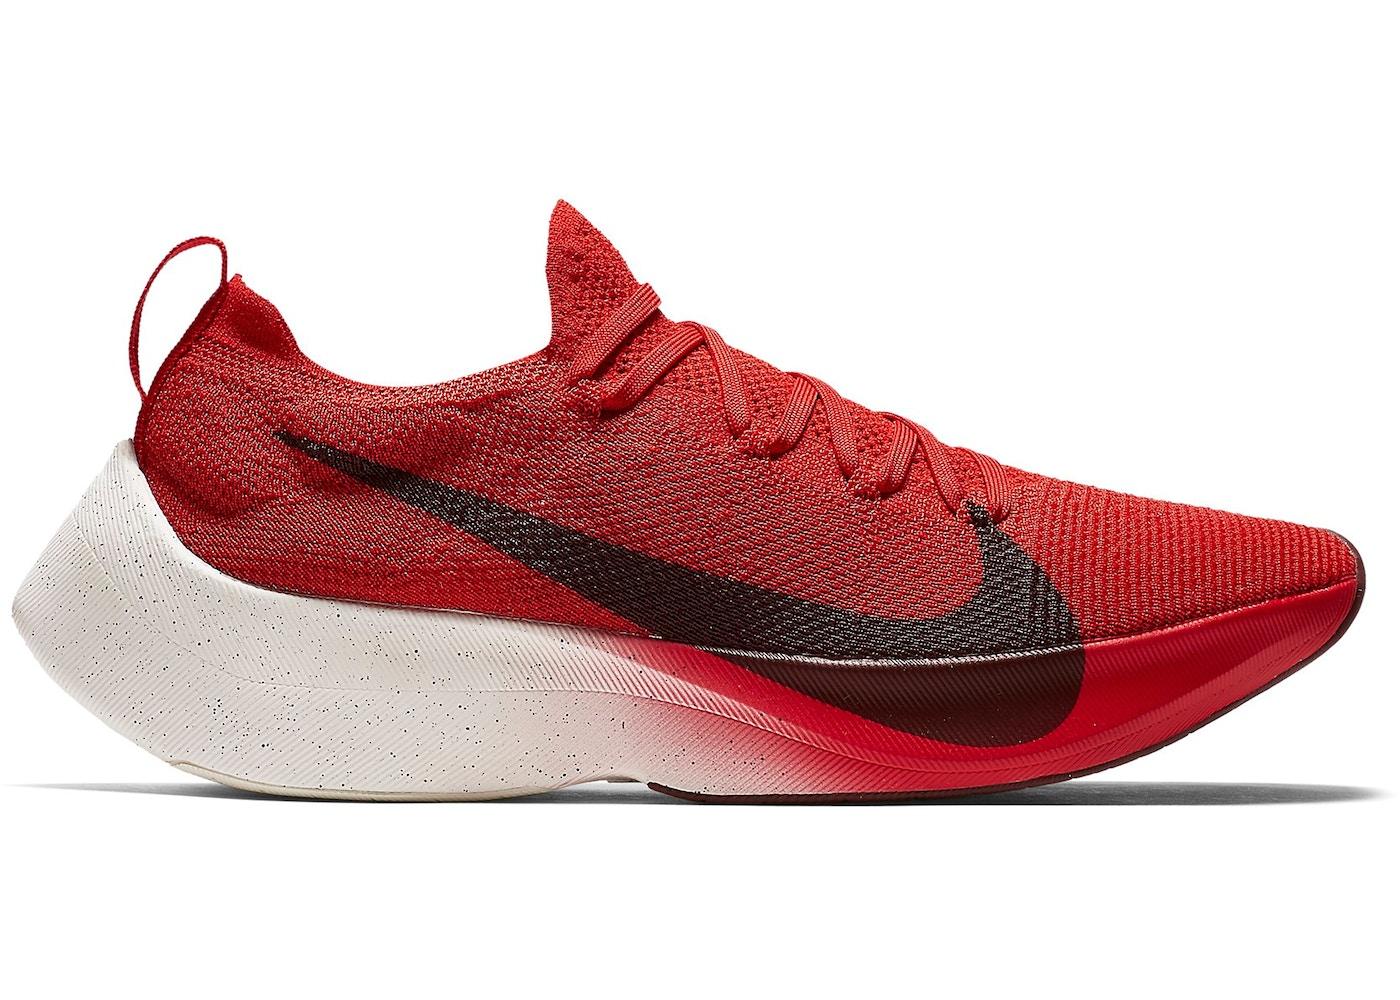 fc48b7fae967d Nike Vapor Street Flyknit Red - AQ1763-600